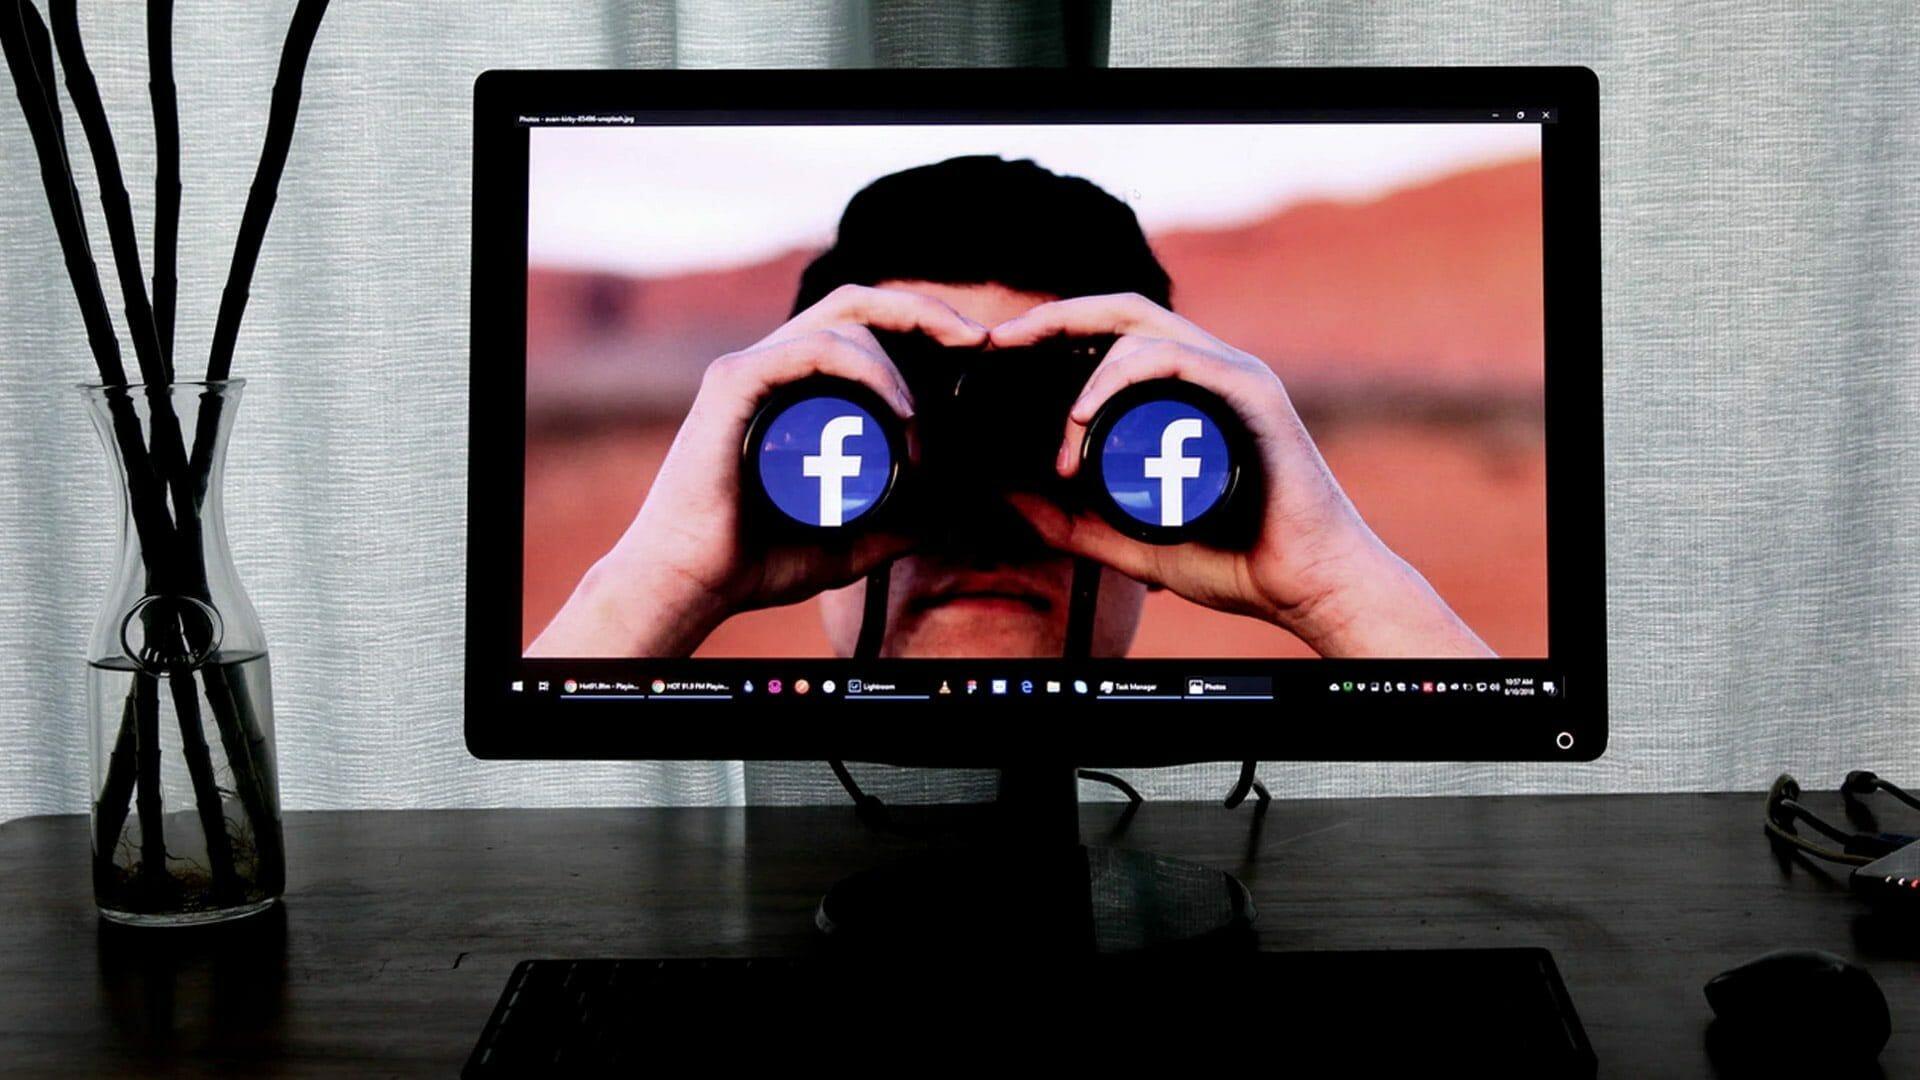 Hoe wordt social media door verschillende generaties consumenten gebruikt?